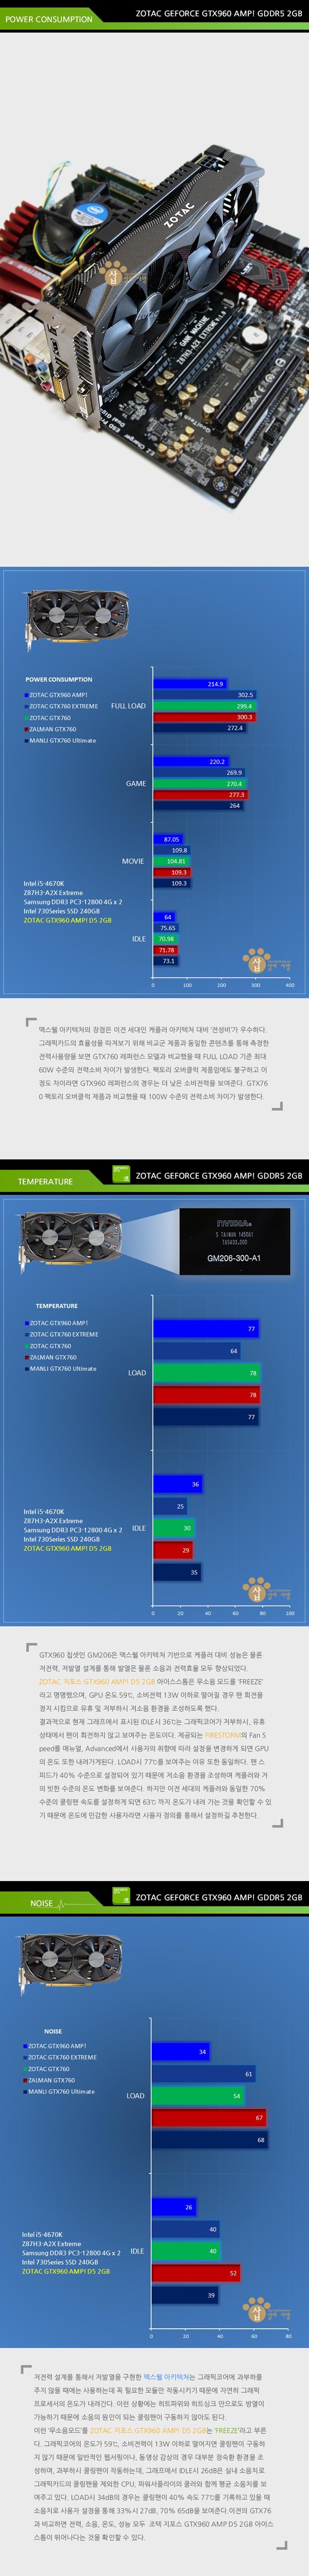 GTX960소비전력,-노이즈,-온도 조텍 지포스 GTX960 AMP! 아이스스톰 D5 2GB.jpg